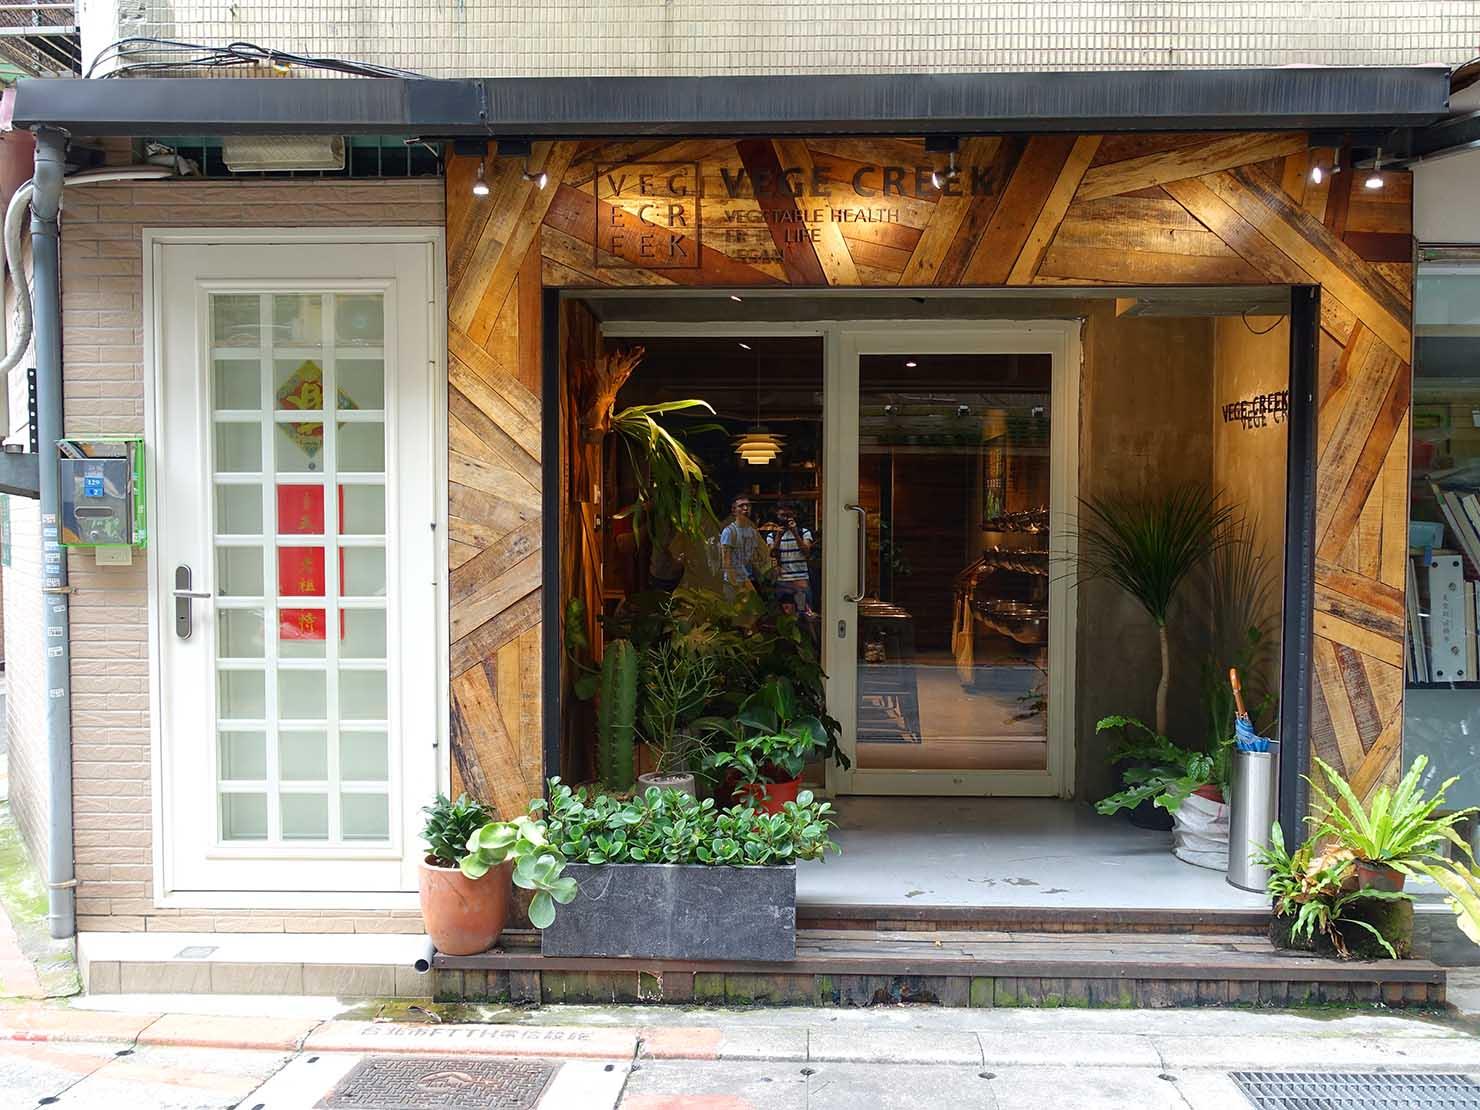 台北・國父紀念館のおすすめグルメ店「VEGE CREEK」の外観